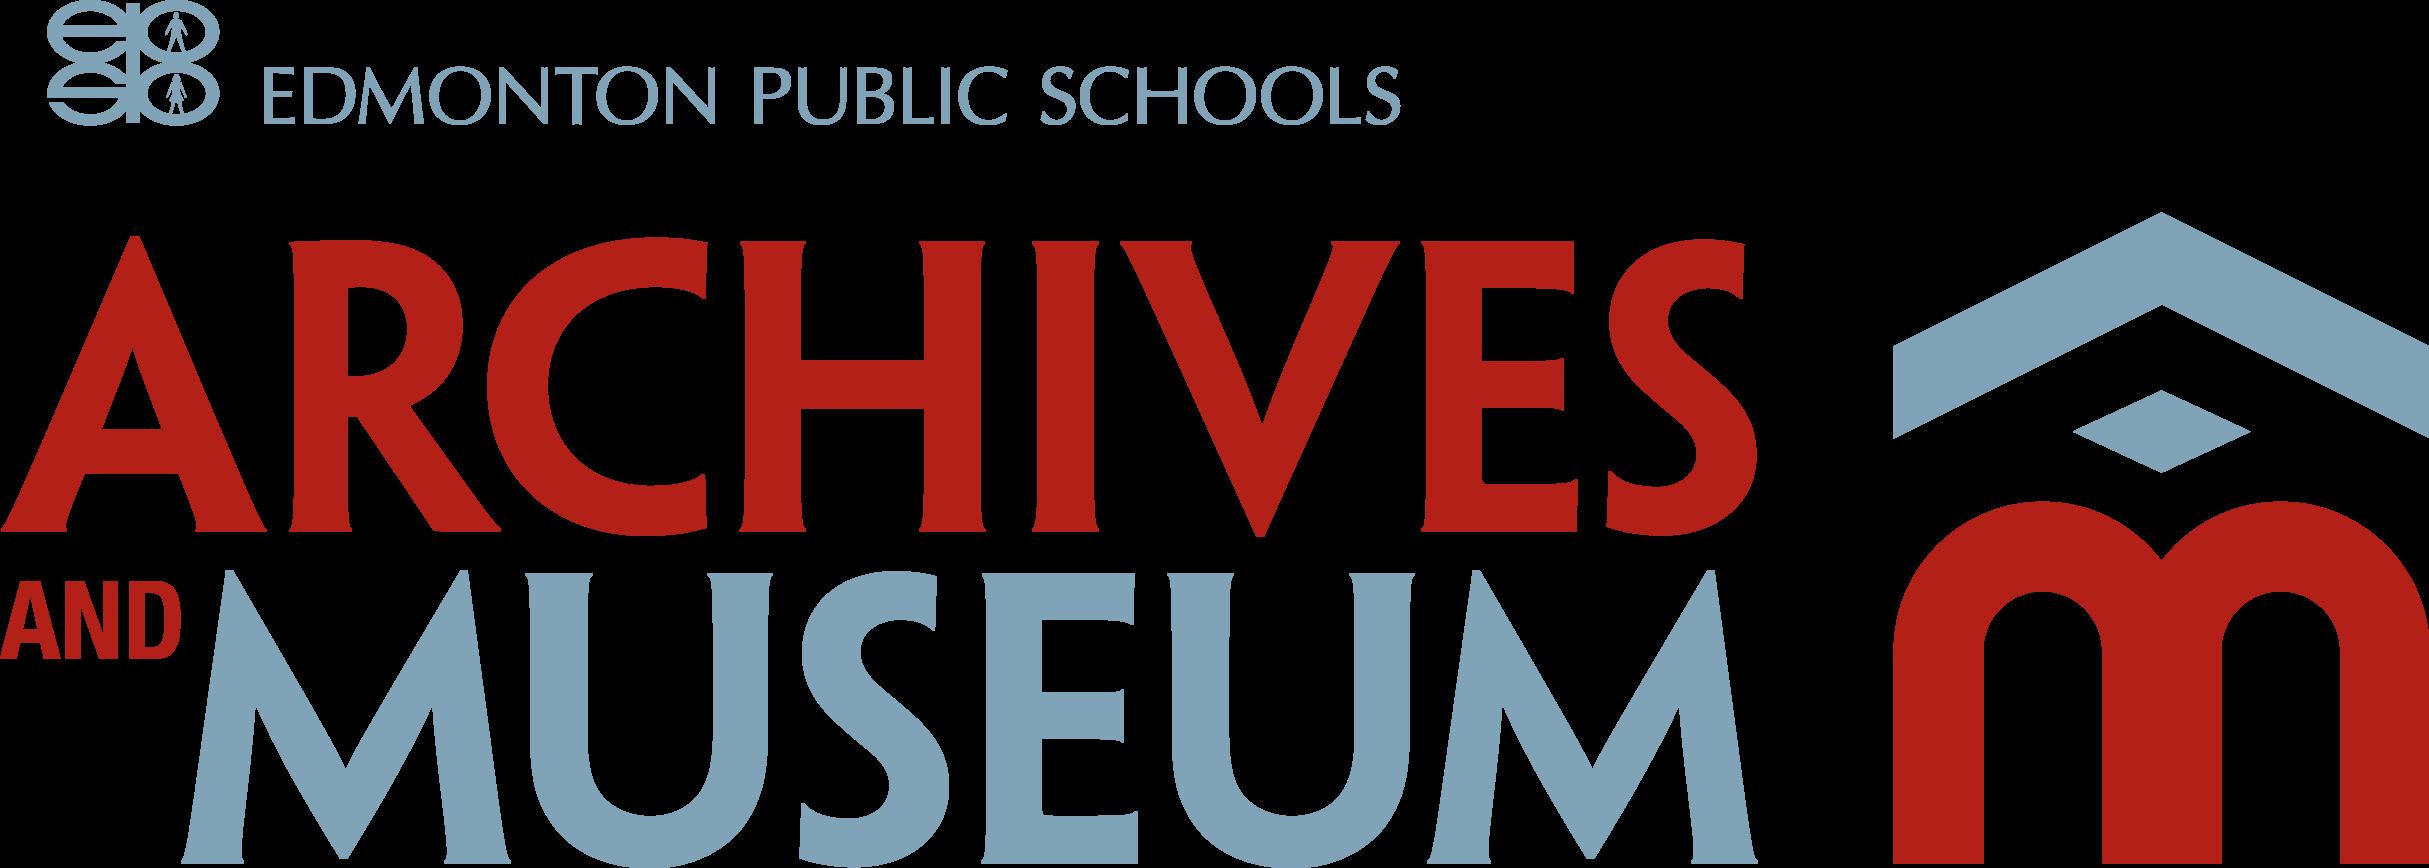 McKay Avenue School logo